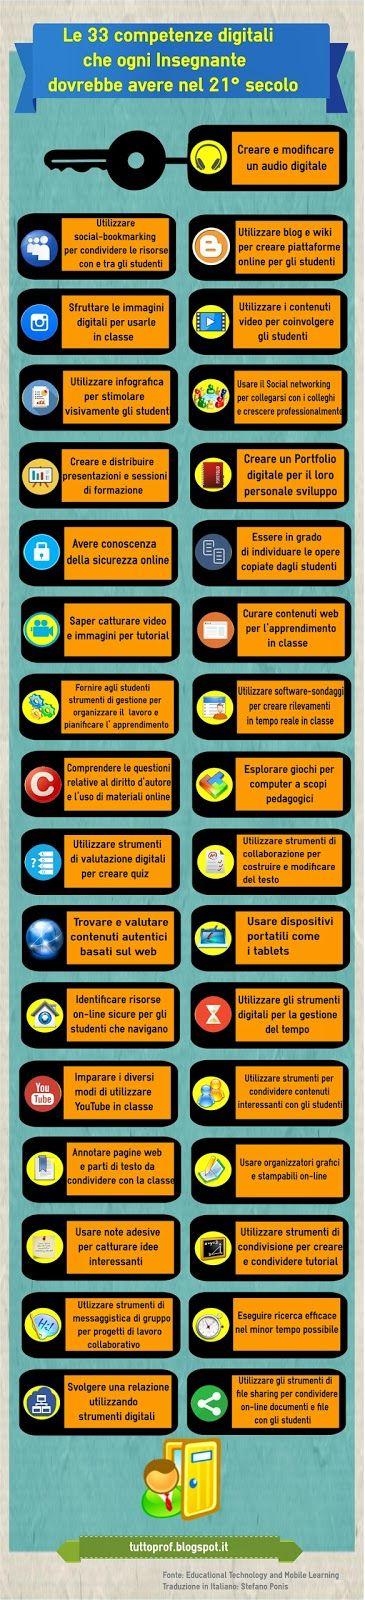 TUTTOPROF.: Le 33 competenze digitali che ogni Insegnante dovrebbe avere nel 21° SECOLO - Infografica